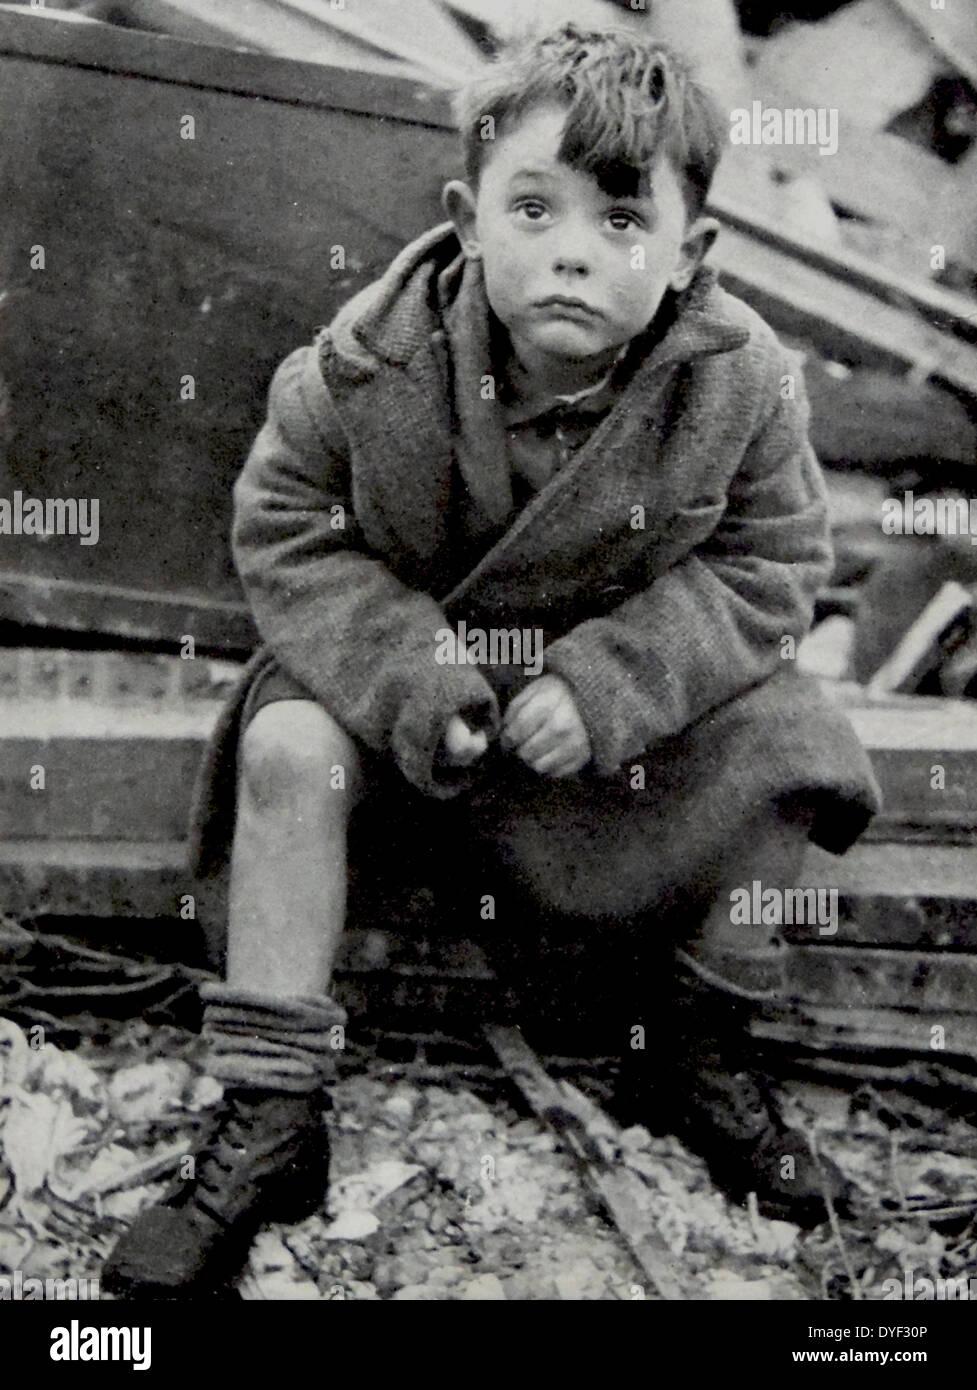 Un niño huérfano se ve conmocionado después de sobrevivir a los bombardeos sobre Londres, por German cohetes V2 Foto de stock